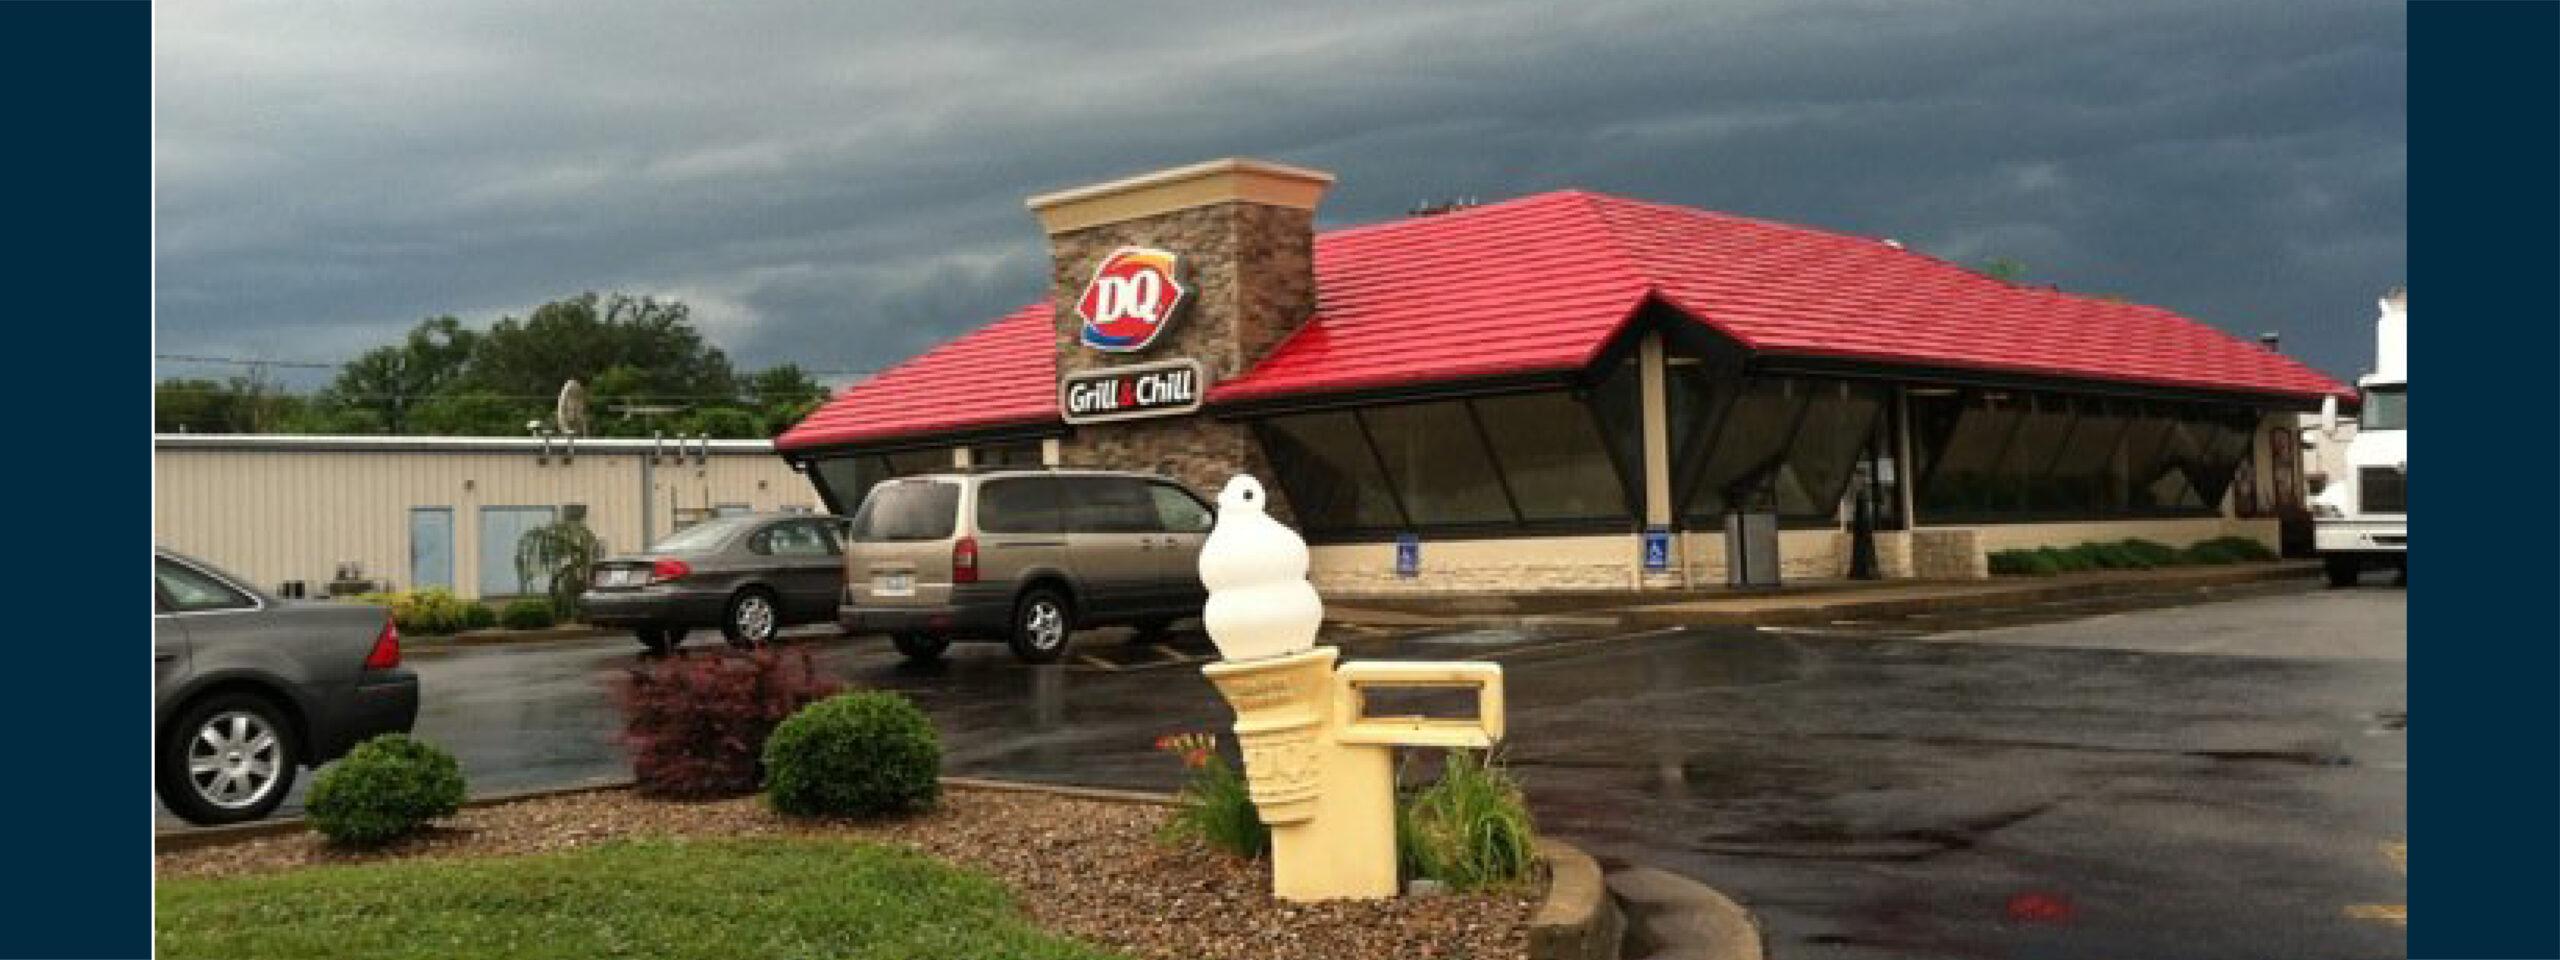 Russelville, KY Fourteen Foods DQ Restaurant